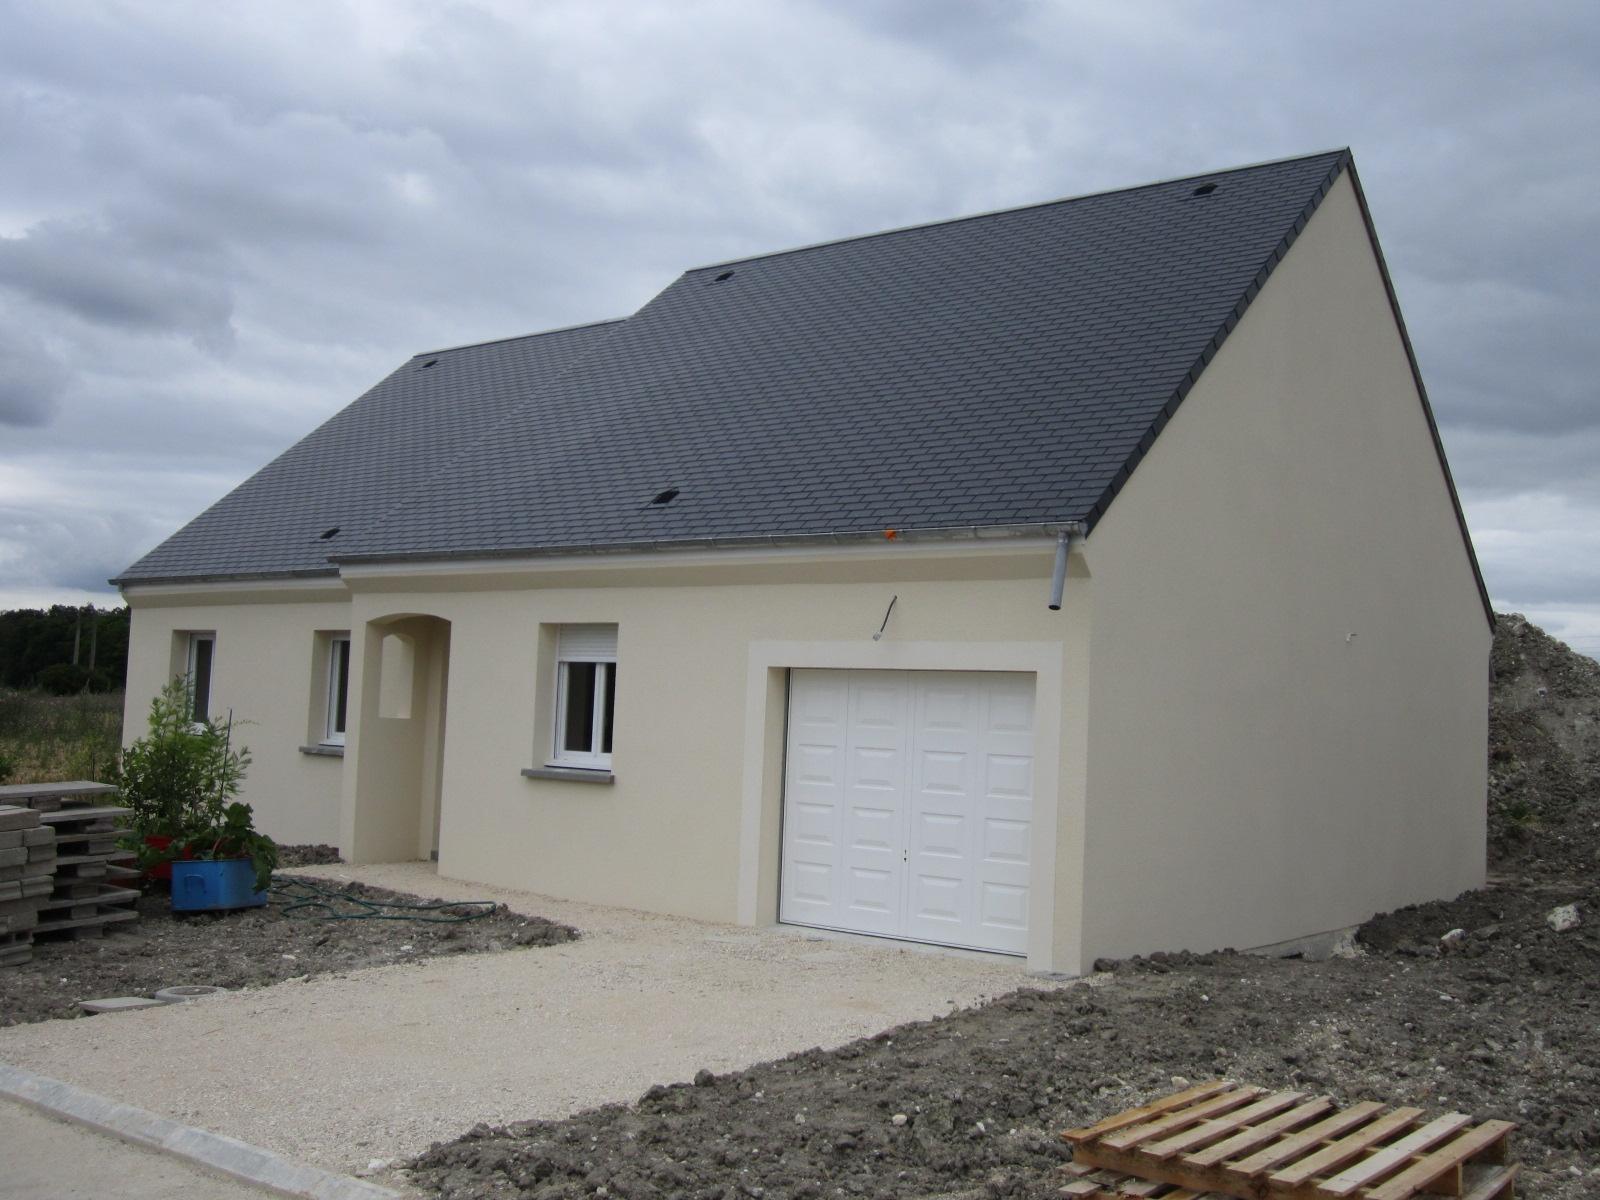 Maisons ericlor constructeurs de france for Constructeur maison individuelle 37